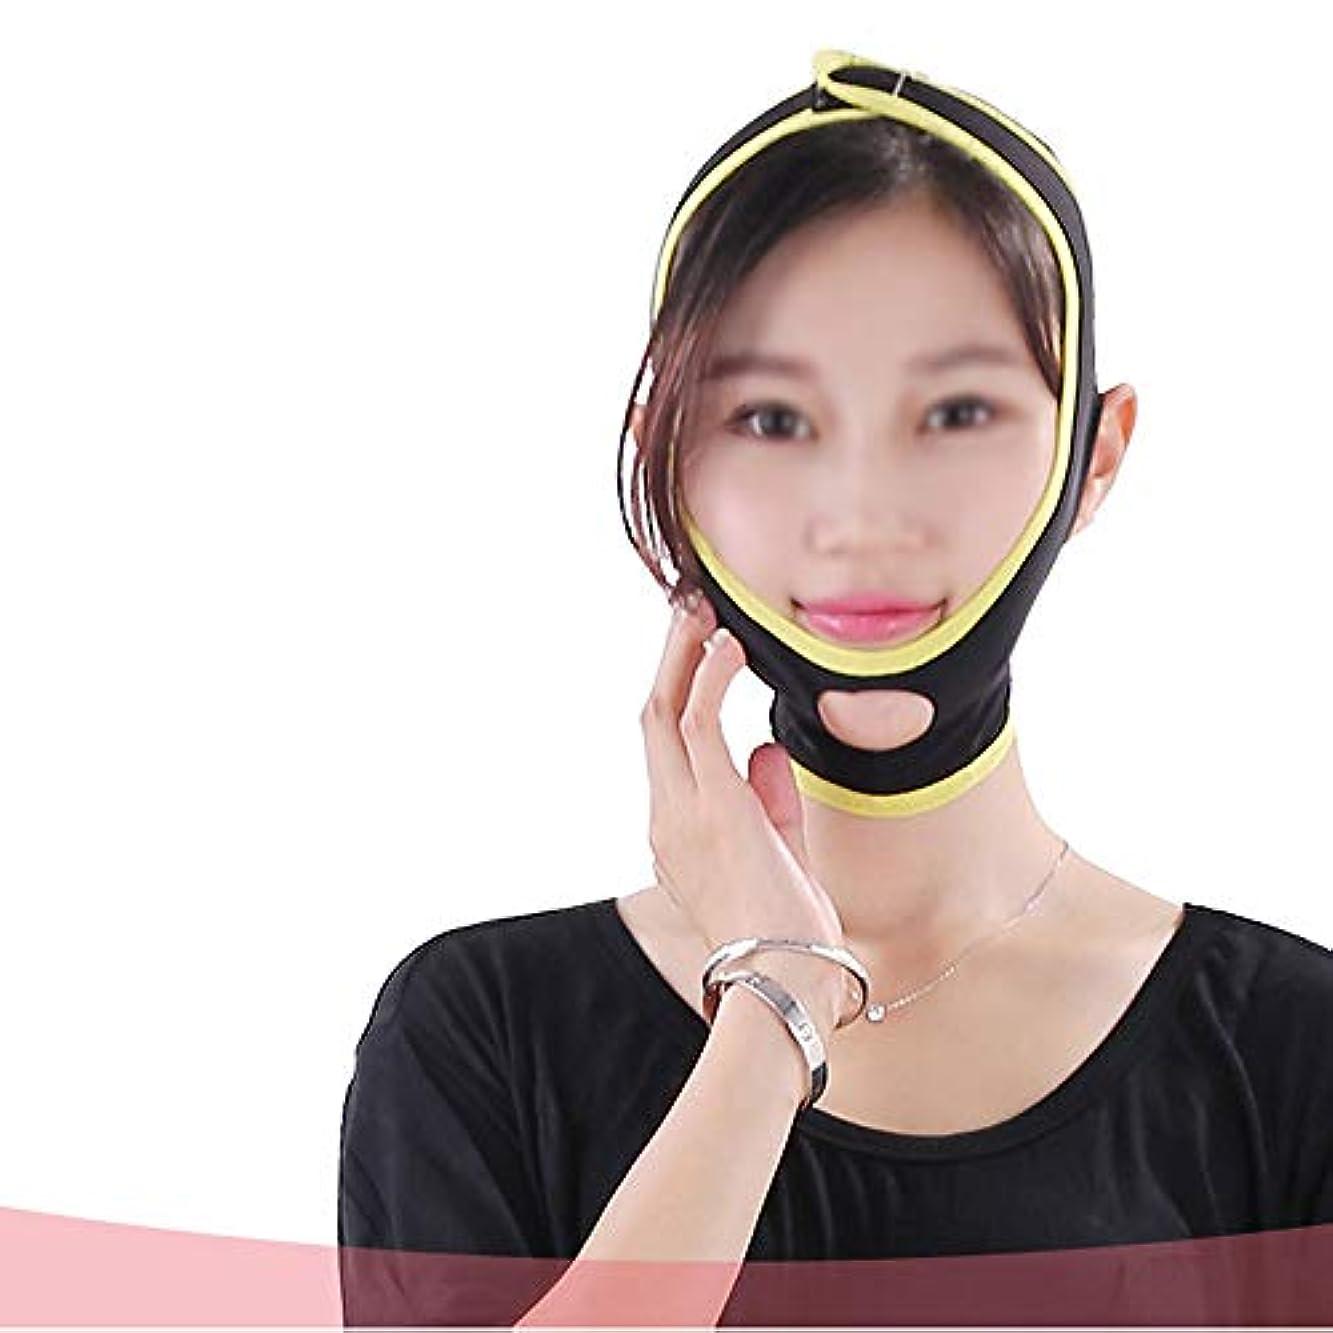 どちらかケント行商通気性の睡眠のマスク、薄い顔の包帯の小さい表面Vの顔薄い顔の顔 (Color : M)